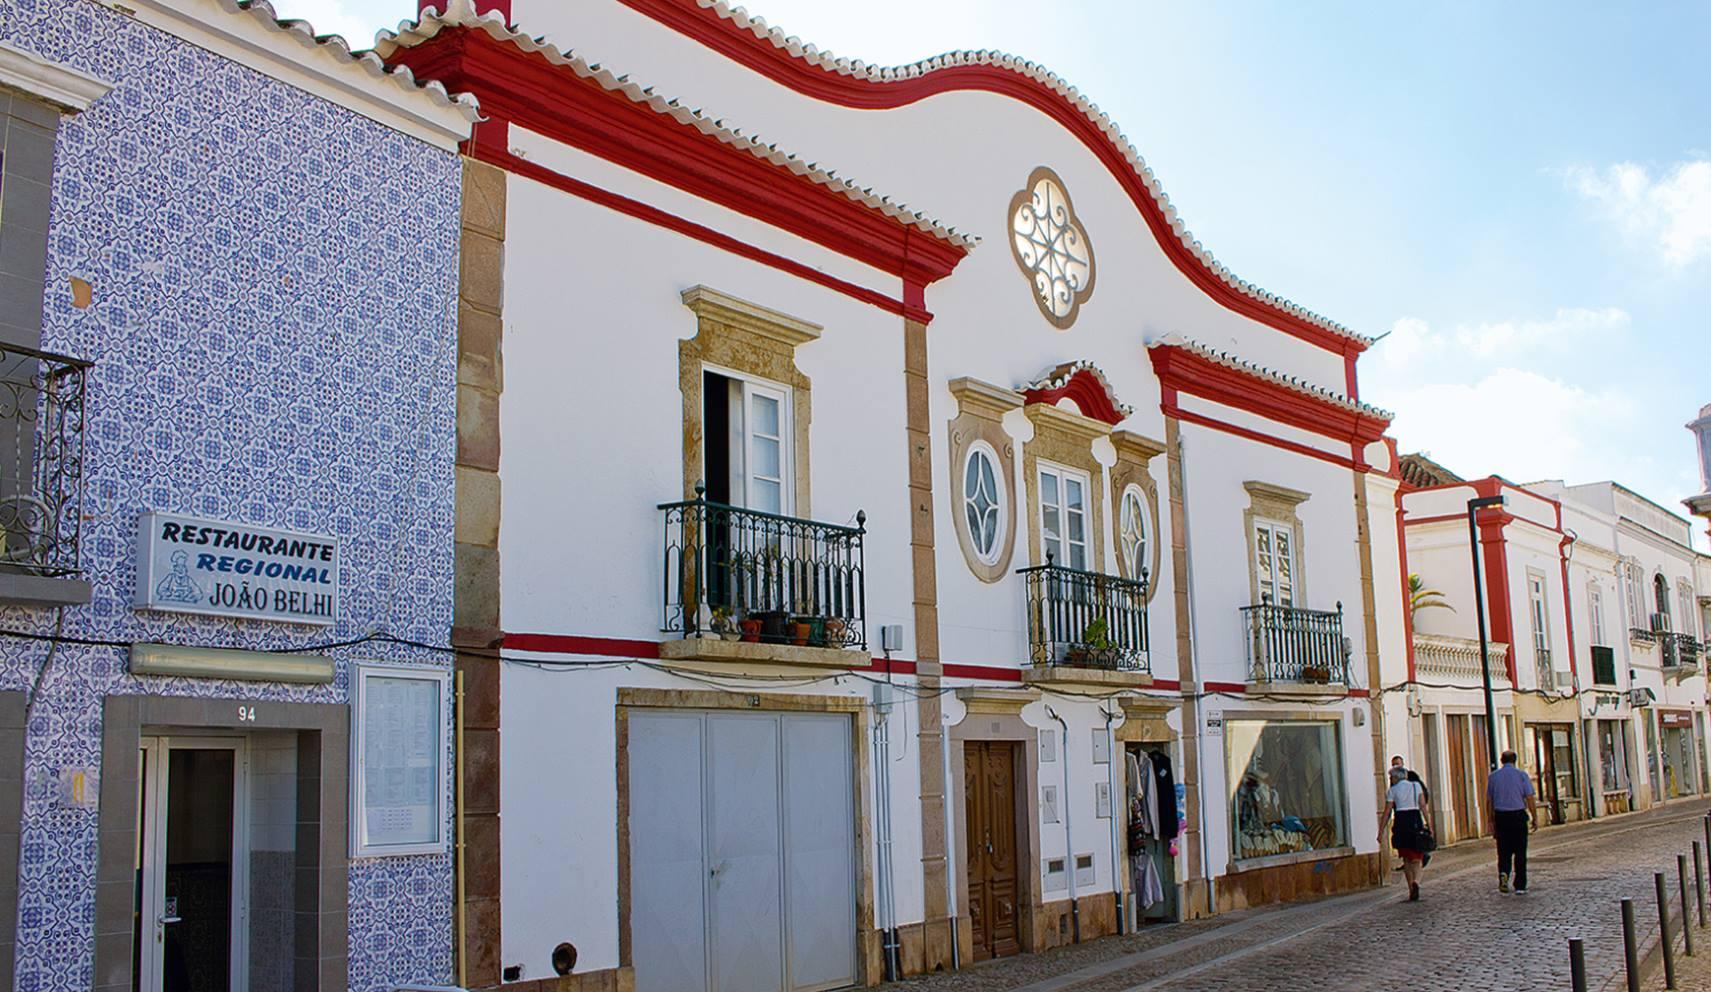 Taviras Gassen und typische Häuserfronten mit den Azulejo-Kacheln